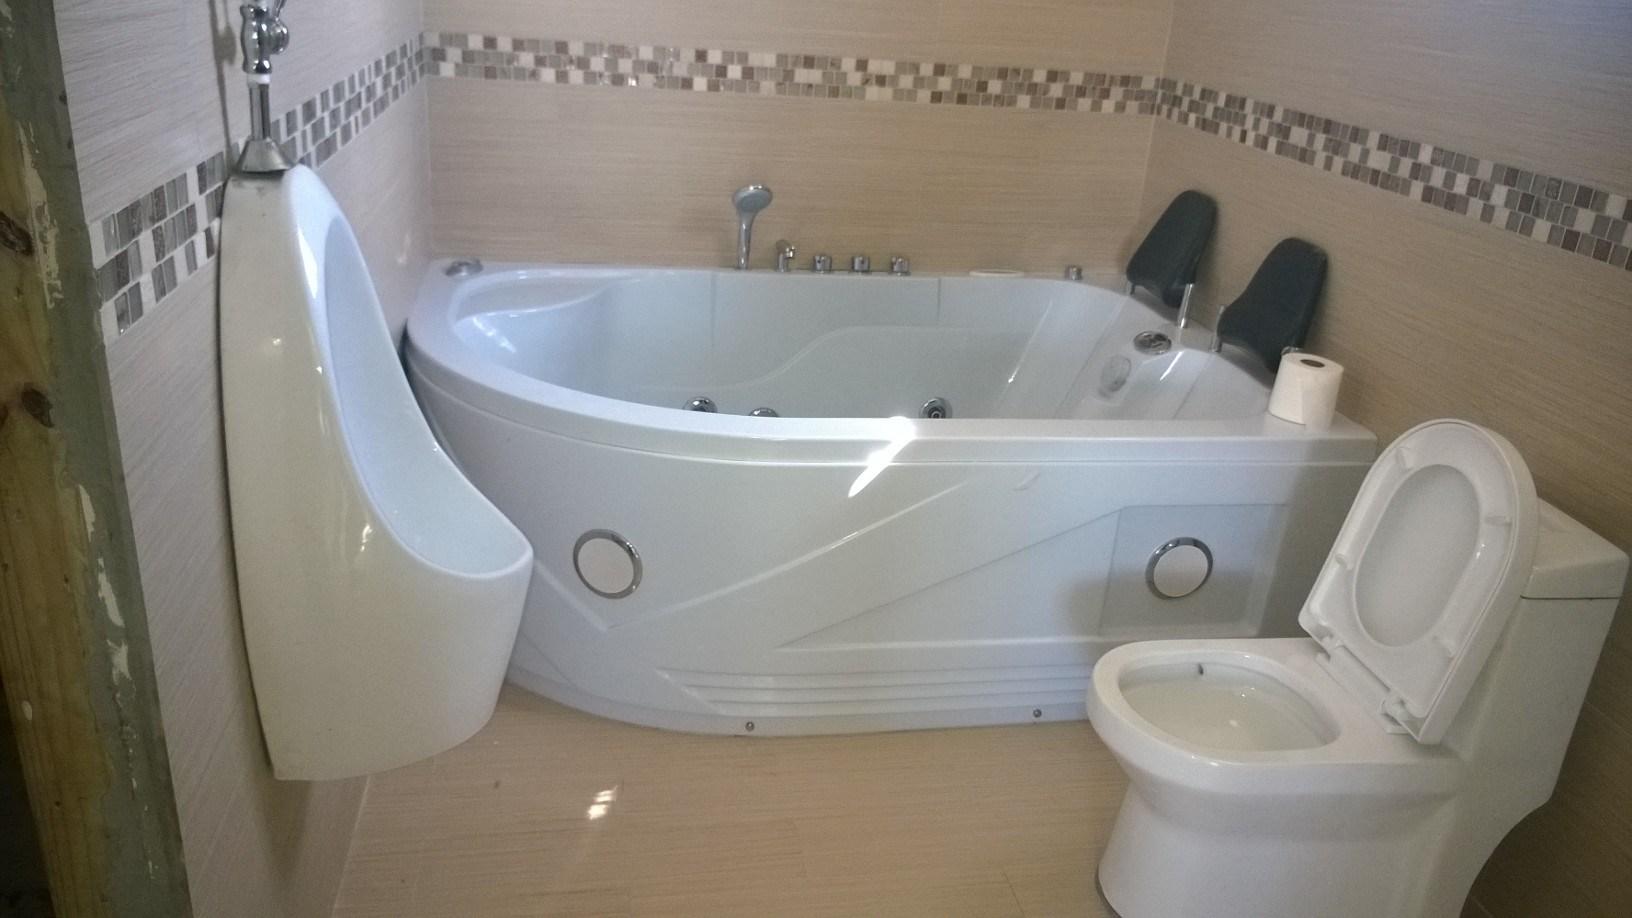 Vasca da bagno automatizzata per due persone della jacuzzi c 1810 foto su it made in for Vasca da bagno per due